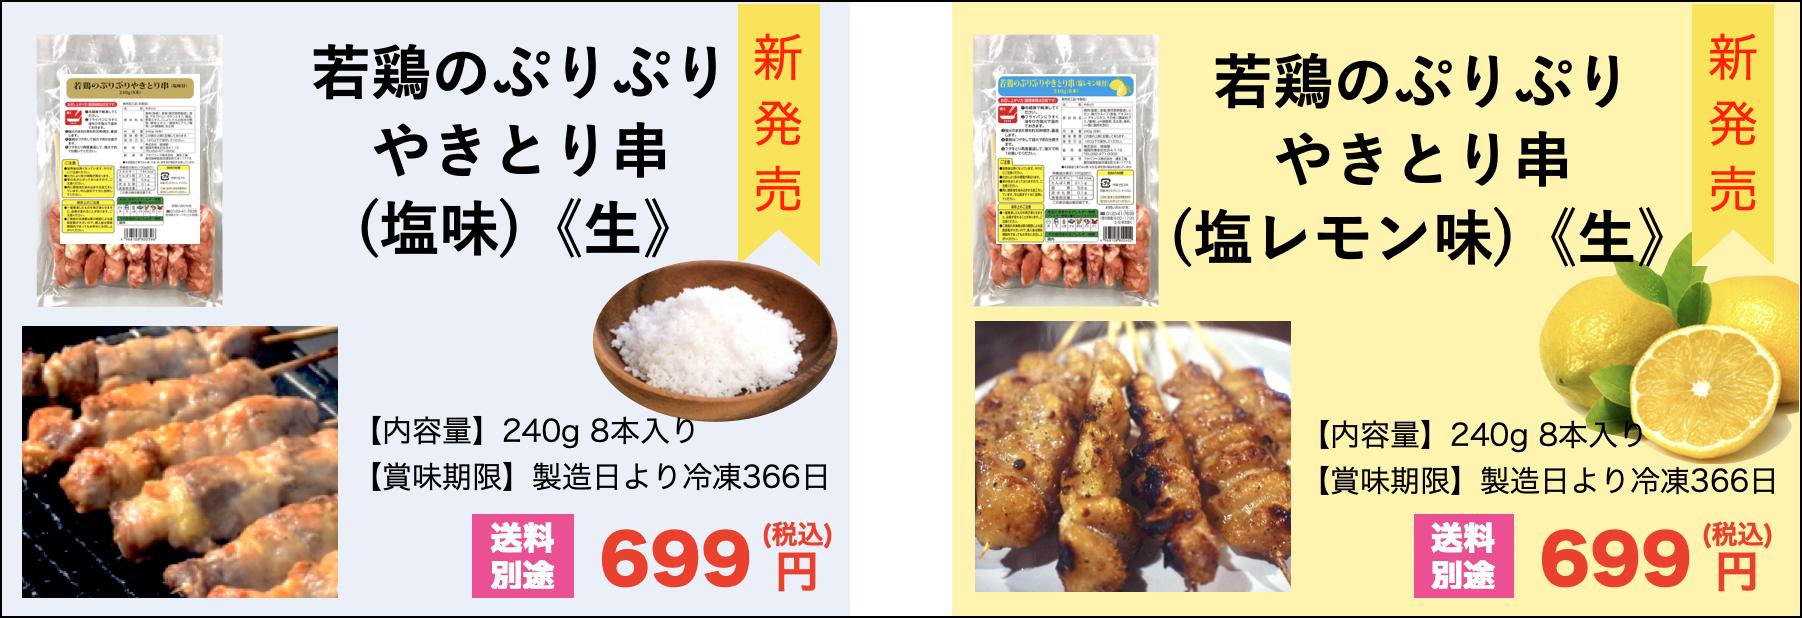 鳴海屋 若鶏のぷりぷりやきとり串 (塩味)(塩レモン味)《生》 240g 8本入り